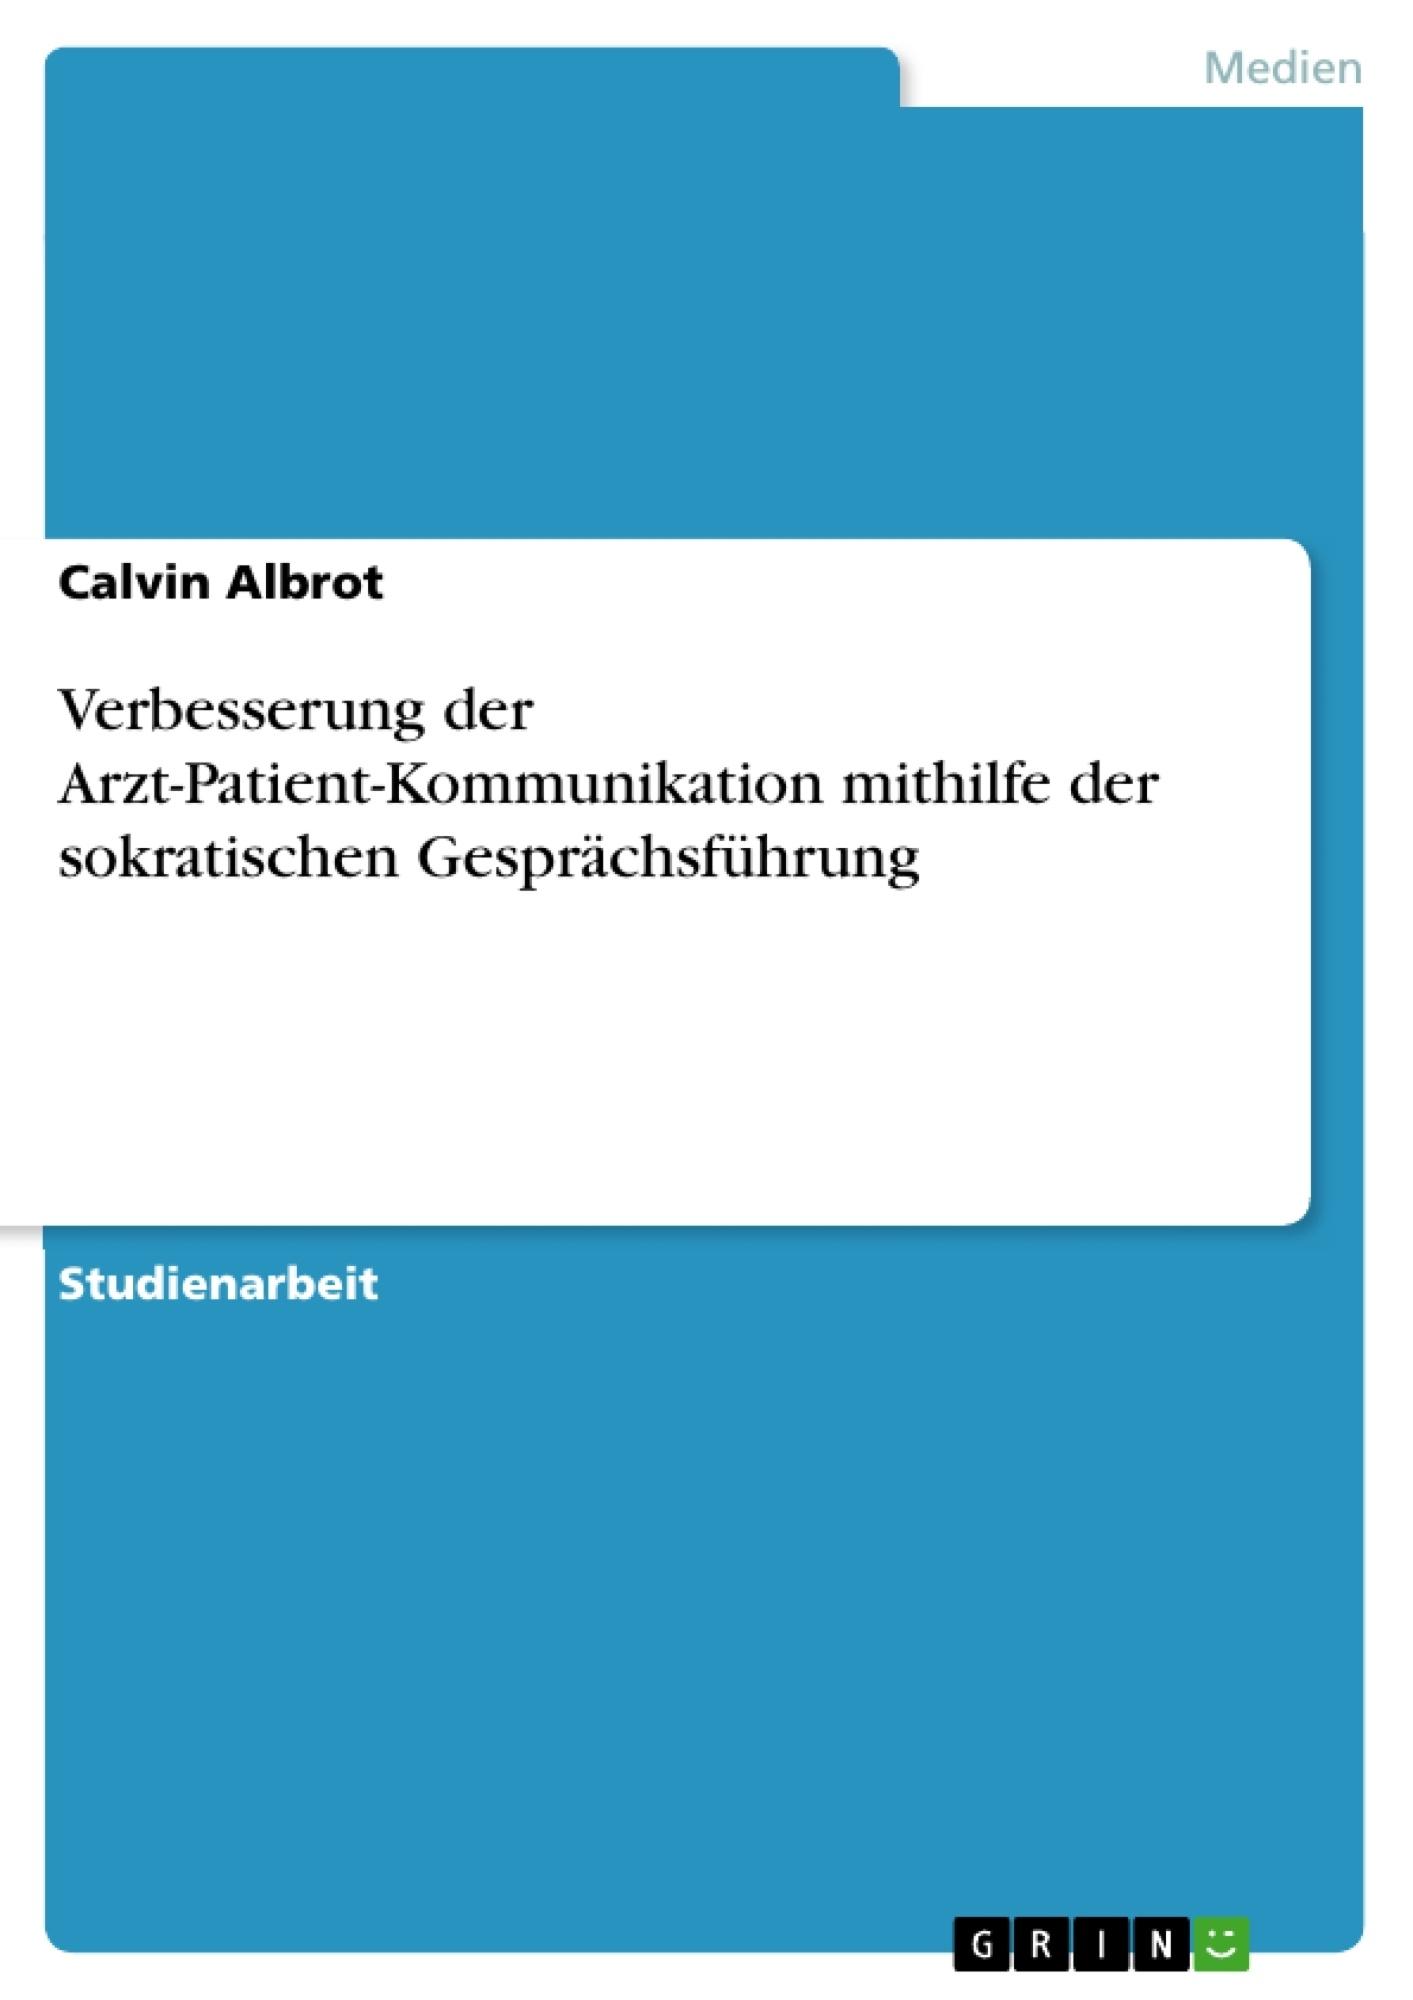 Titel: Verbesserung der Arzt-Patient-Kommunikation mithilfe der sokratischen Gesprächsführung